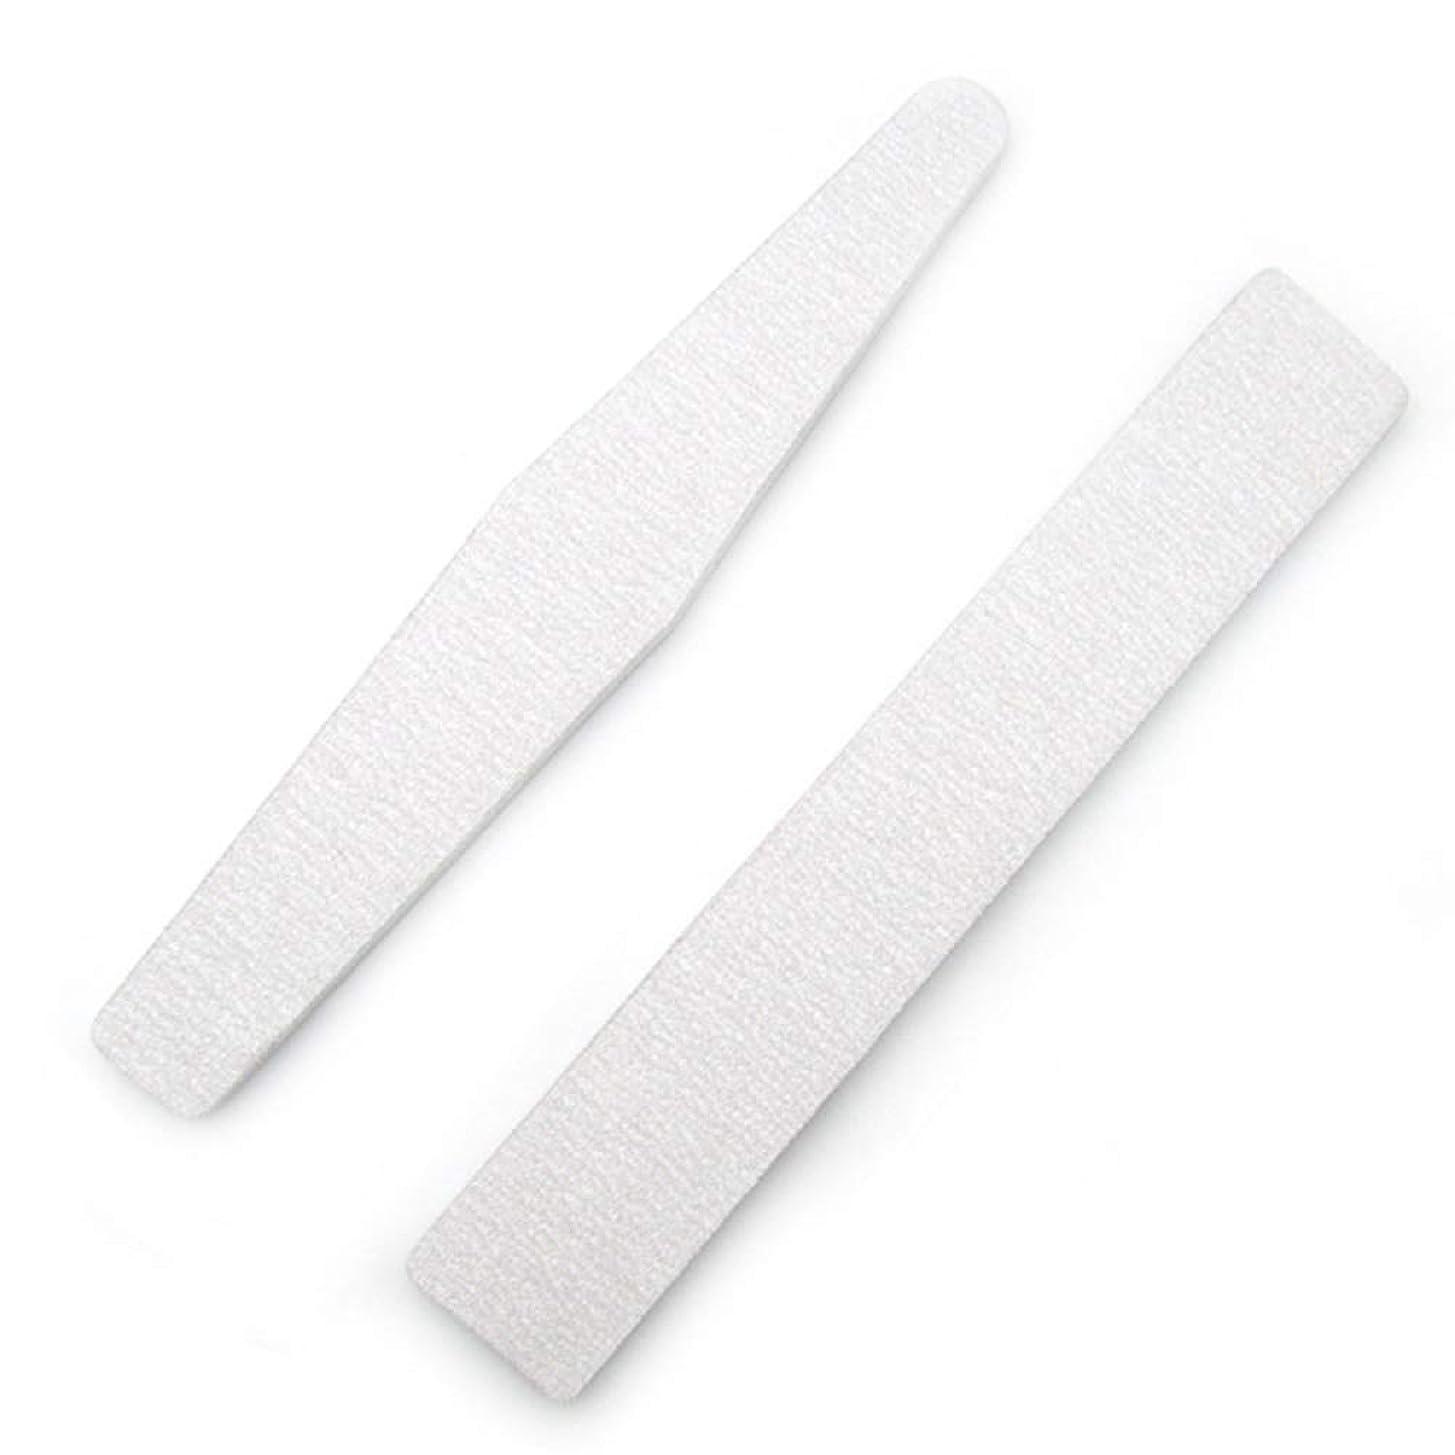 政令小数排除するジェルネイルファイル 爪磨き 爪やすり ネイルポリッシュファイル 高品質ネイルやすり スポンジファイル ネイルをつやつやに シンプルで使いやすい 男女兼用 新年の贈り物 両面使える ネイルポリッシュファイル(2枚セット) (1set)